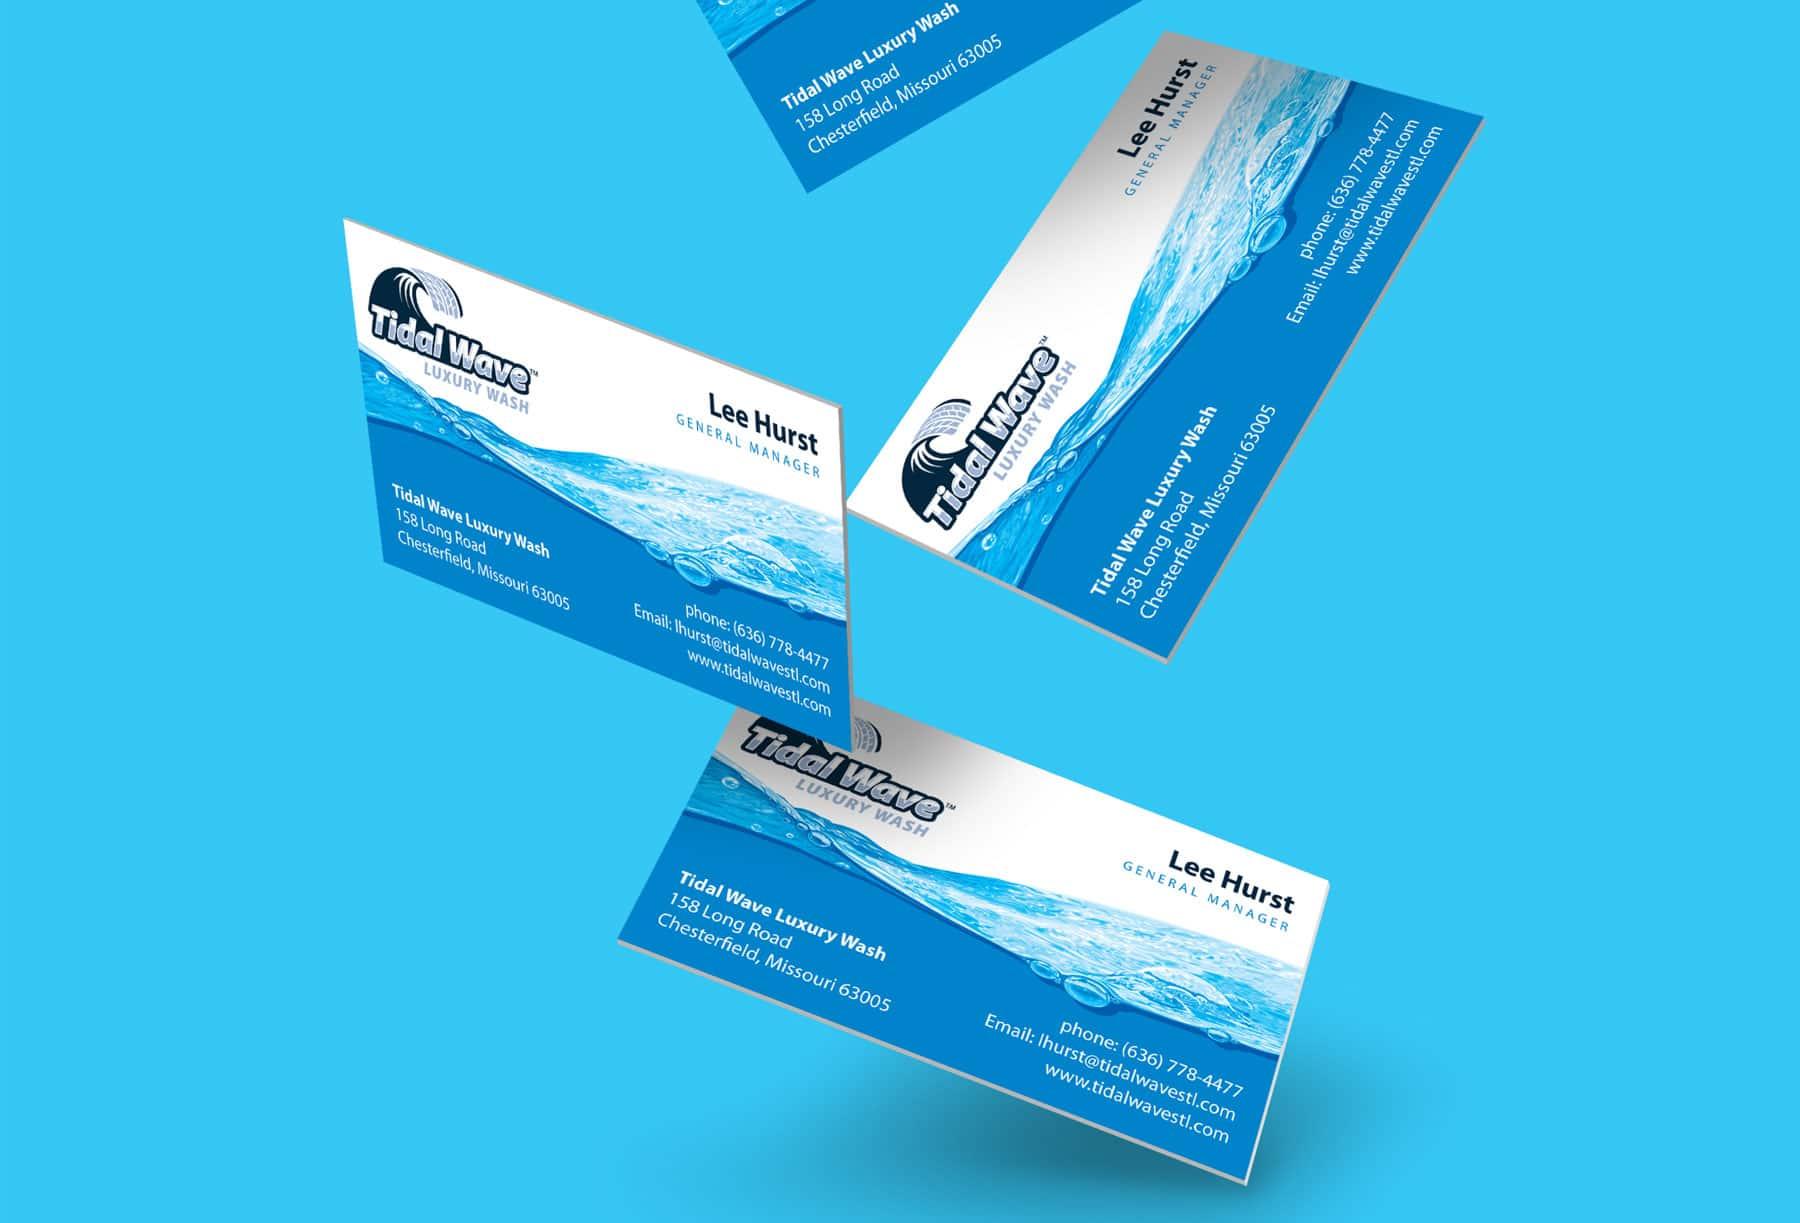 Tidal Wave business card design